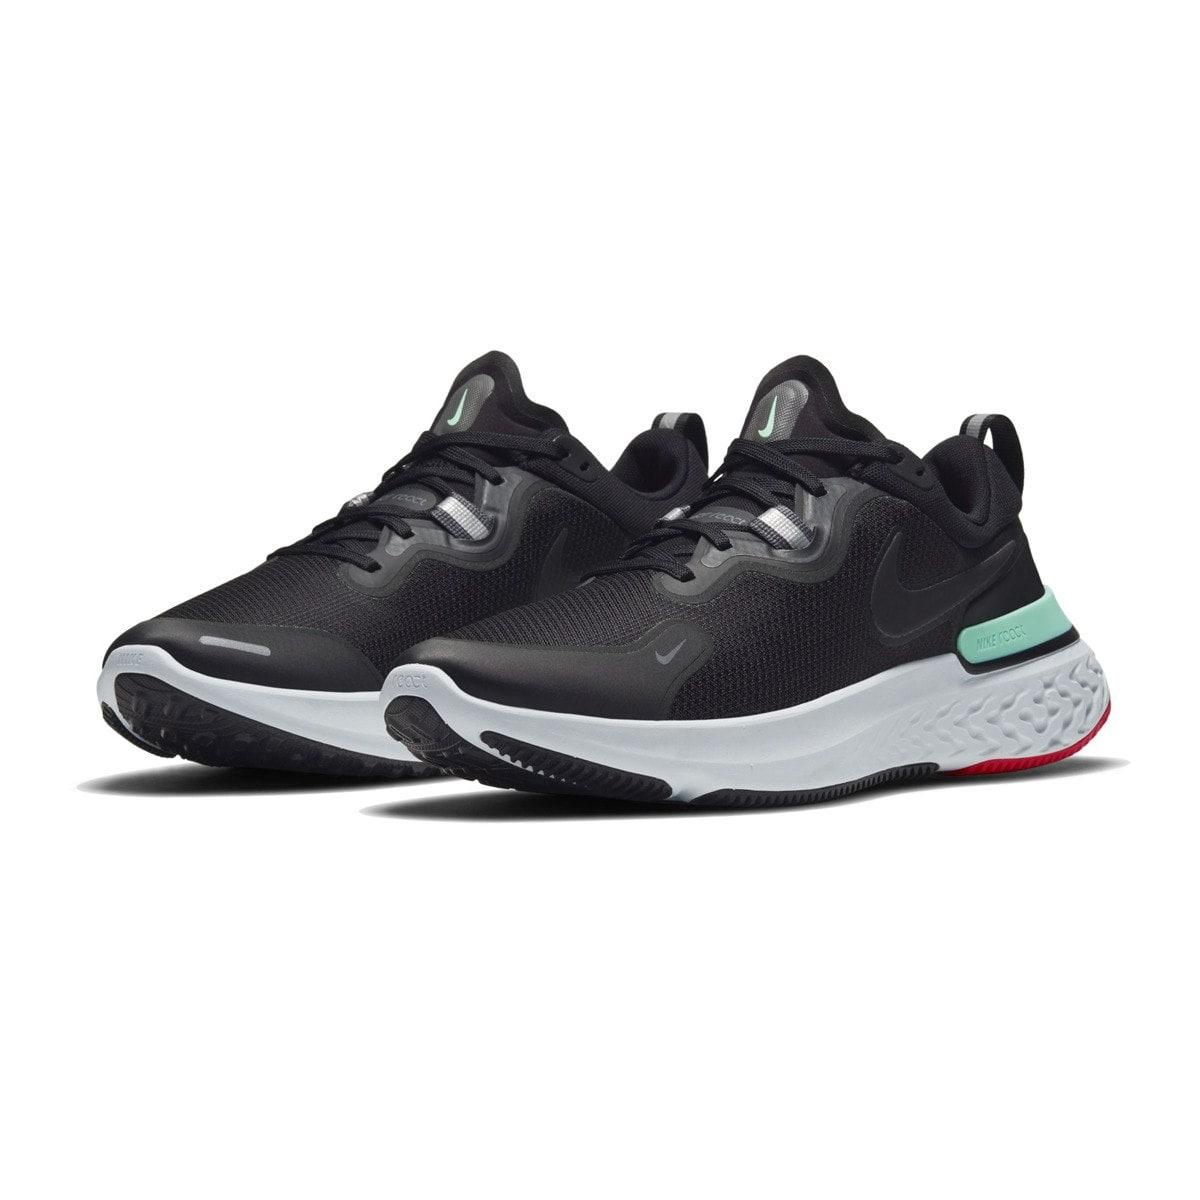 Zapatillas React Miler Nike